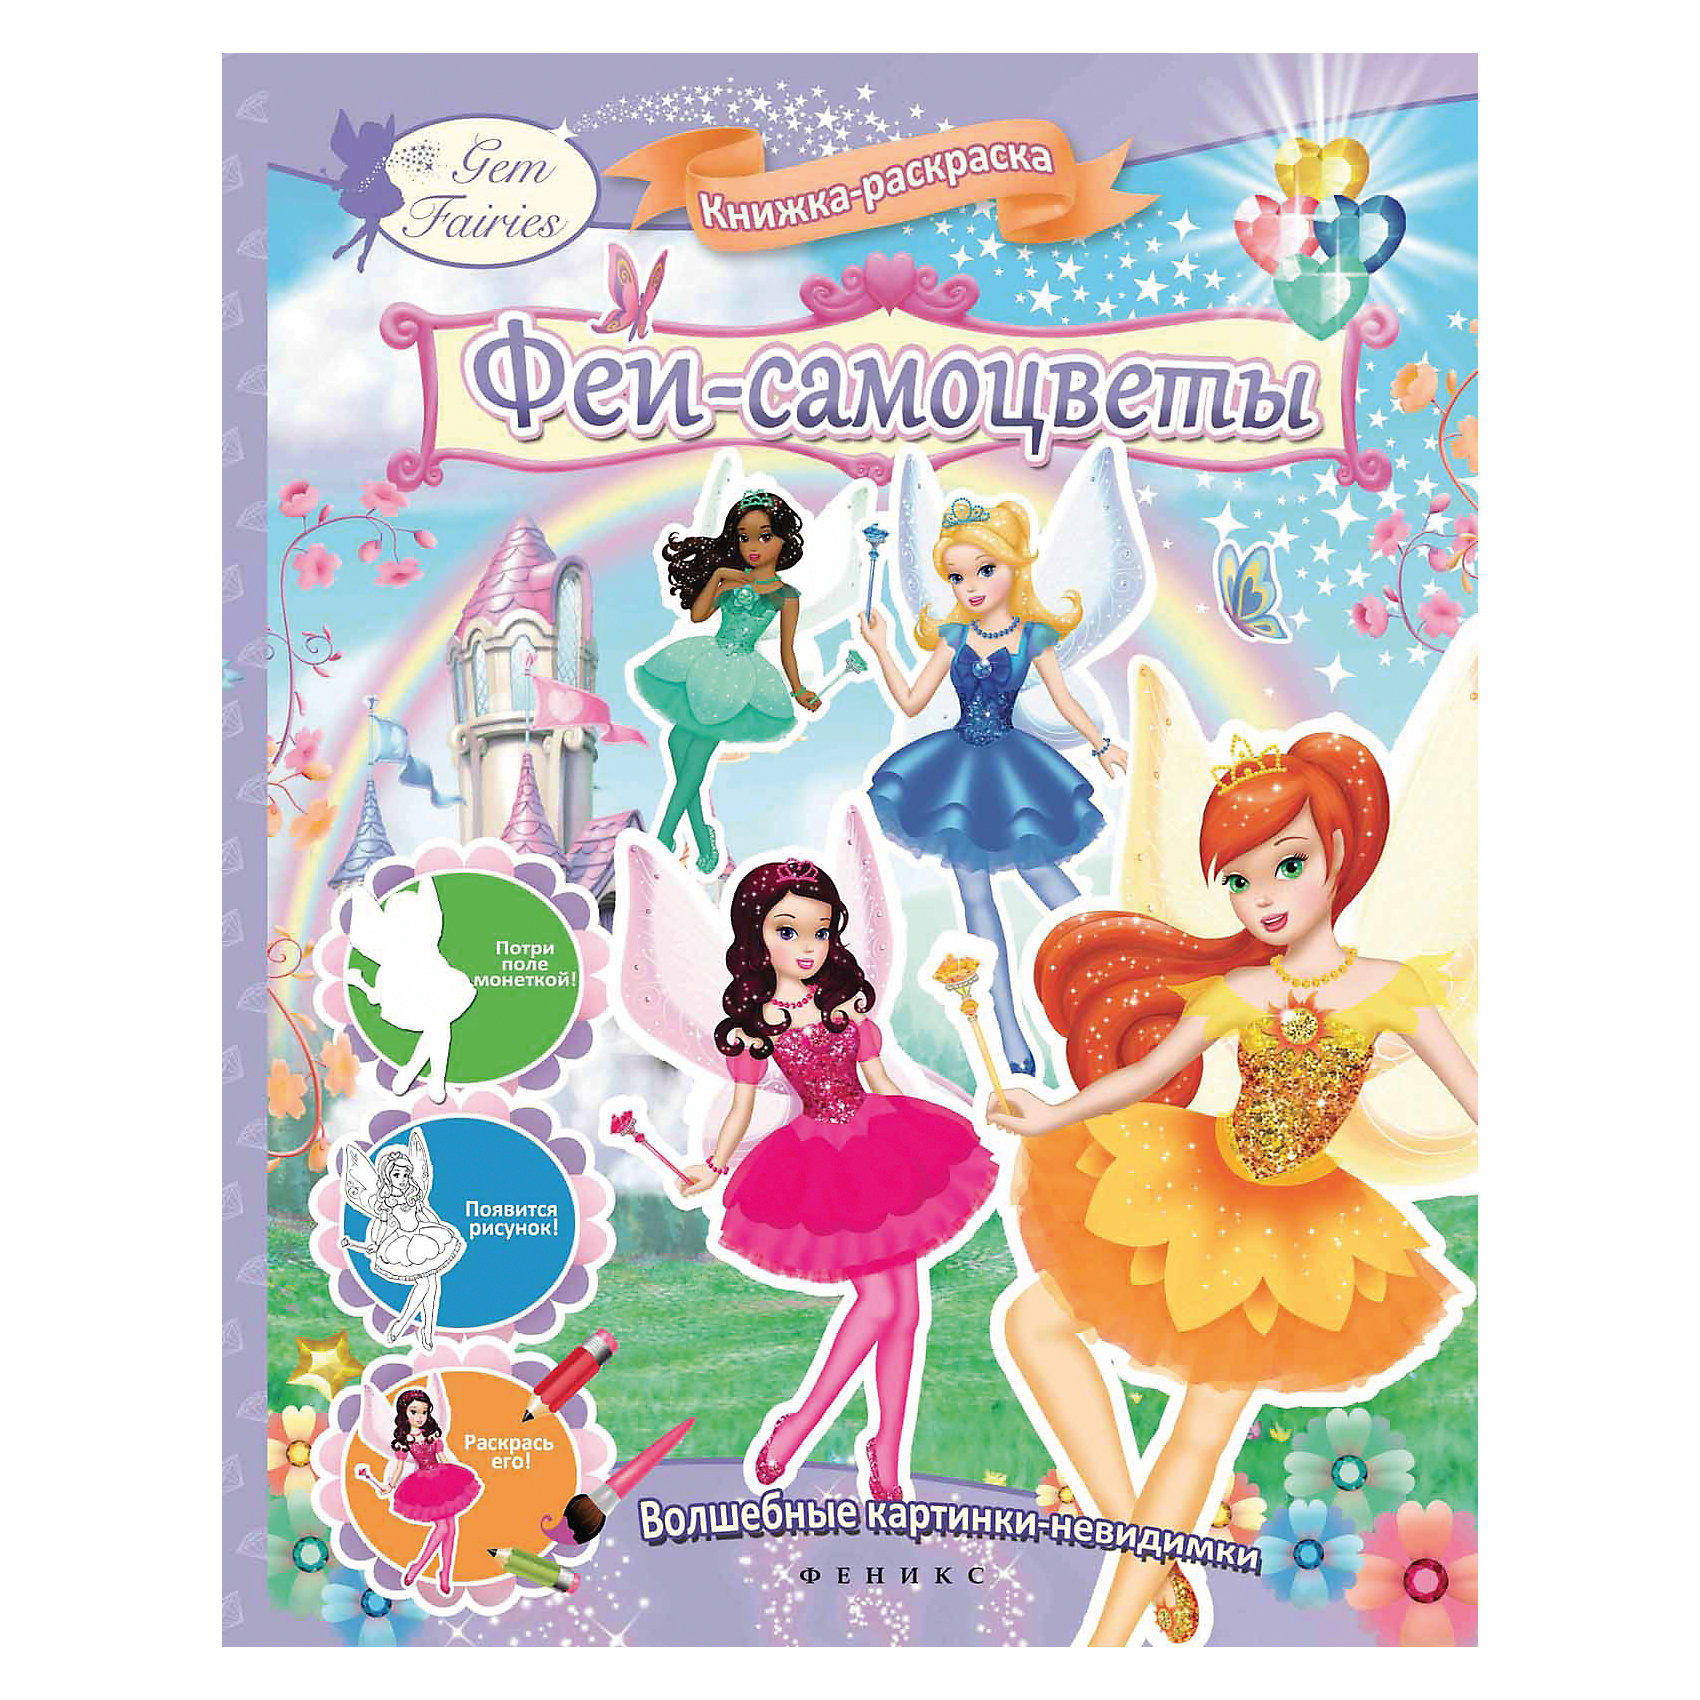 Феи-самоцветы:книжка-раскраскаGem Fairies - известные во всем мире принцессы, которые умеют превращаться в волшебных фей. Теперь они есть и в России! Развивать мелкую моторику и учиться работать с цветом в компании этих изящных и стильных принцесс<br>занимательно и увлекательно!<br>Это не обычная раскраска, а волшебные картинки-невидимки! В чём их секрет? Потри монеткой белую картинку, и - волшебство! - там появляются контуры раскраски.<br>Принцессы Рубин, Янтарь, Сапфир и Изумруд помогут развить творческие навыки,<br>внимательность и усидчивость и занять ребёнка в течение нескольких часов.<br><br>Ширина мм: 260<br>Глубина мм: 199<br>Высота мм: 1<br>Вес г: 196<br>Возраст от месяцев: 36<br>Возраст до месяцев: 72<br>Пол: Унисекс<br>Возраст: Детский<br>SKU: 5480321